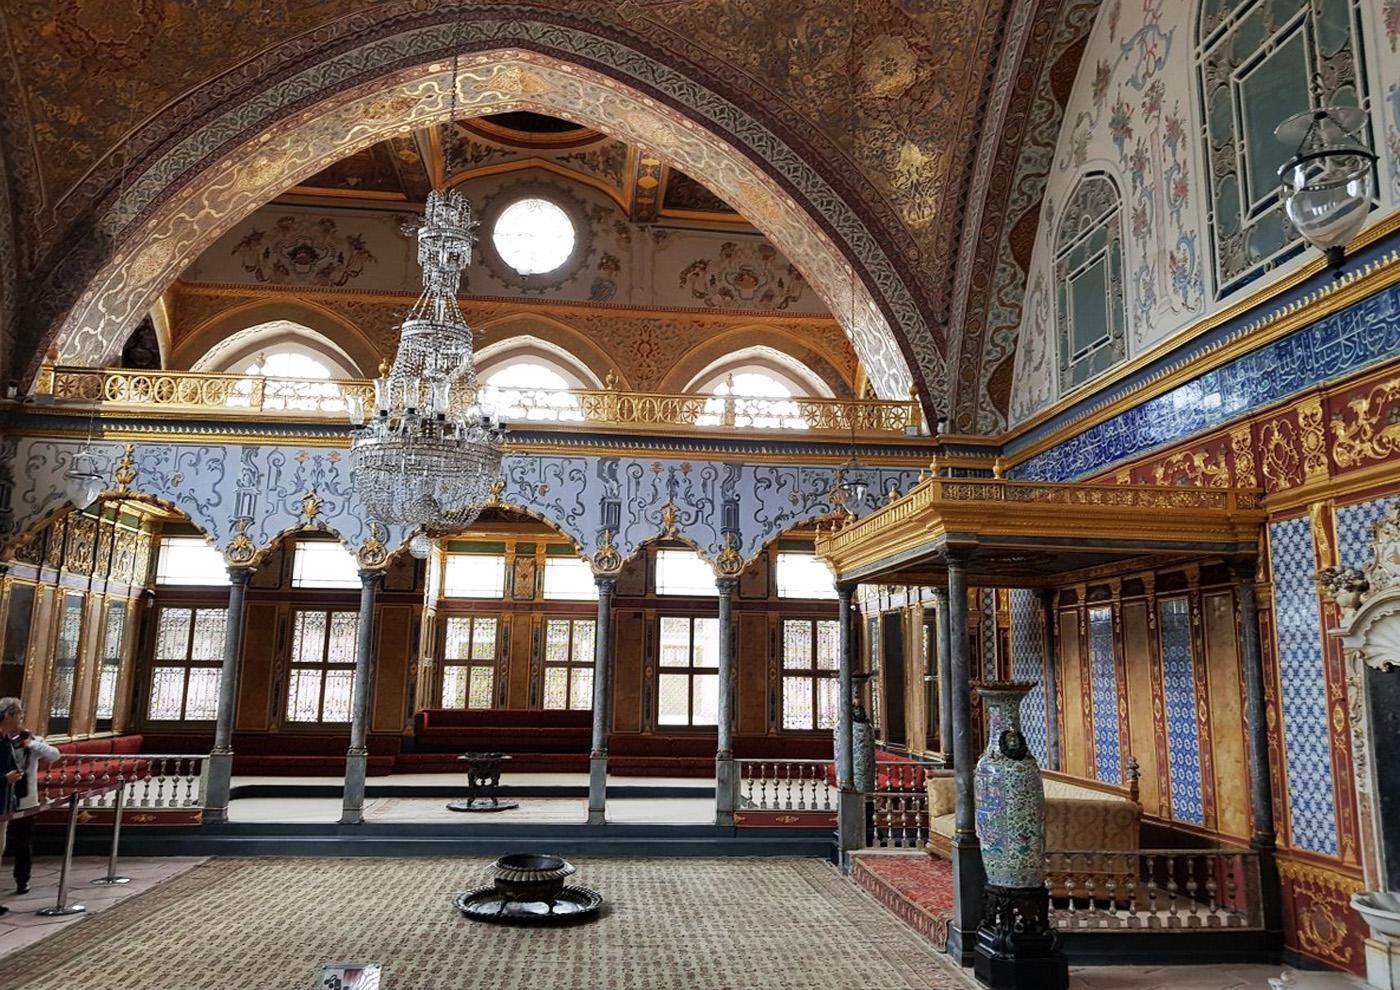 Фото дворца султана сулеймана в стамбуле внутри